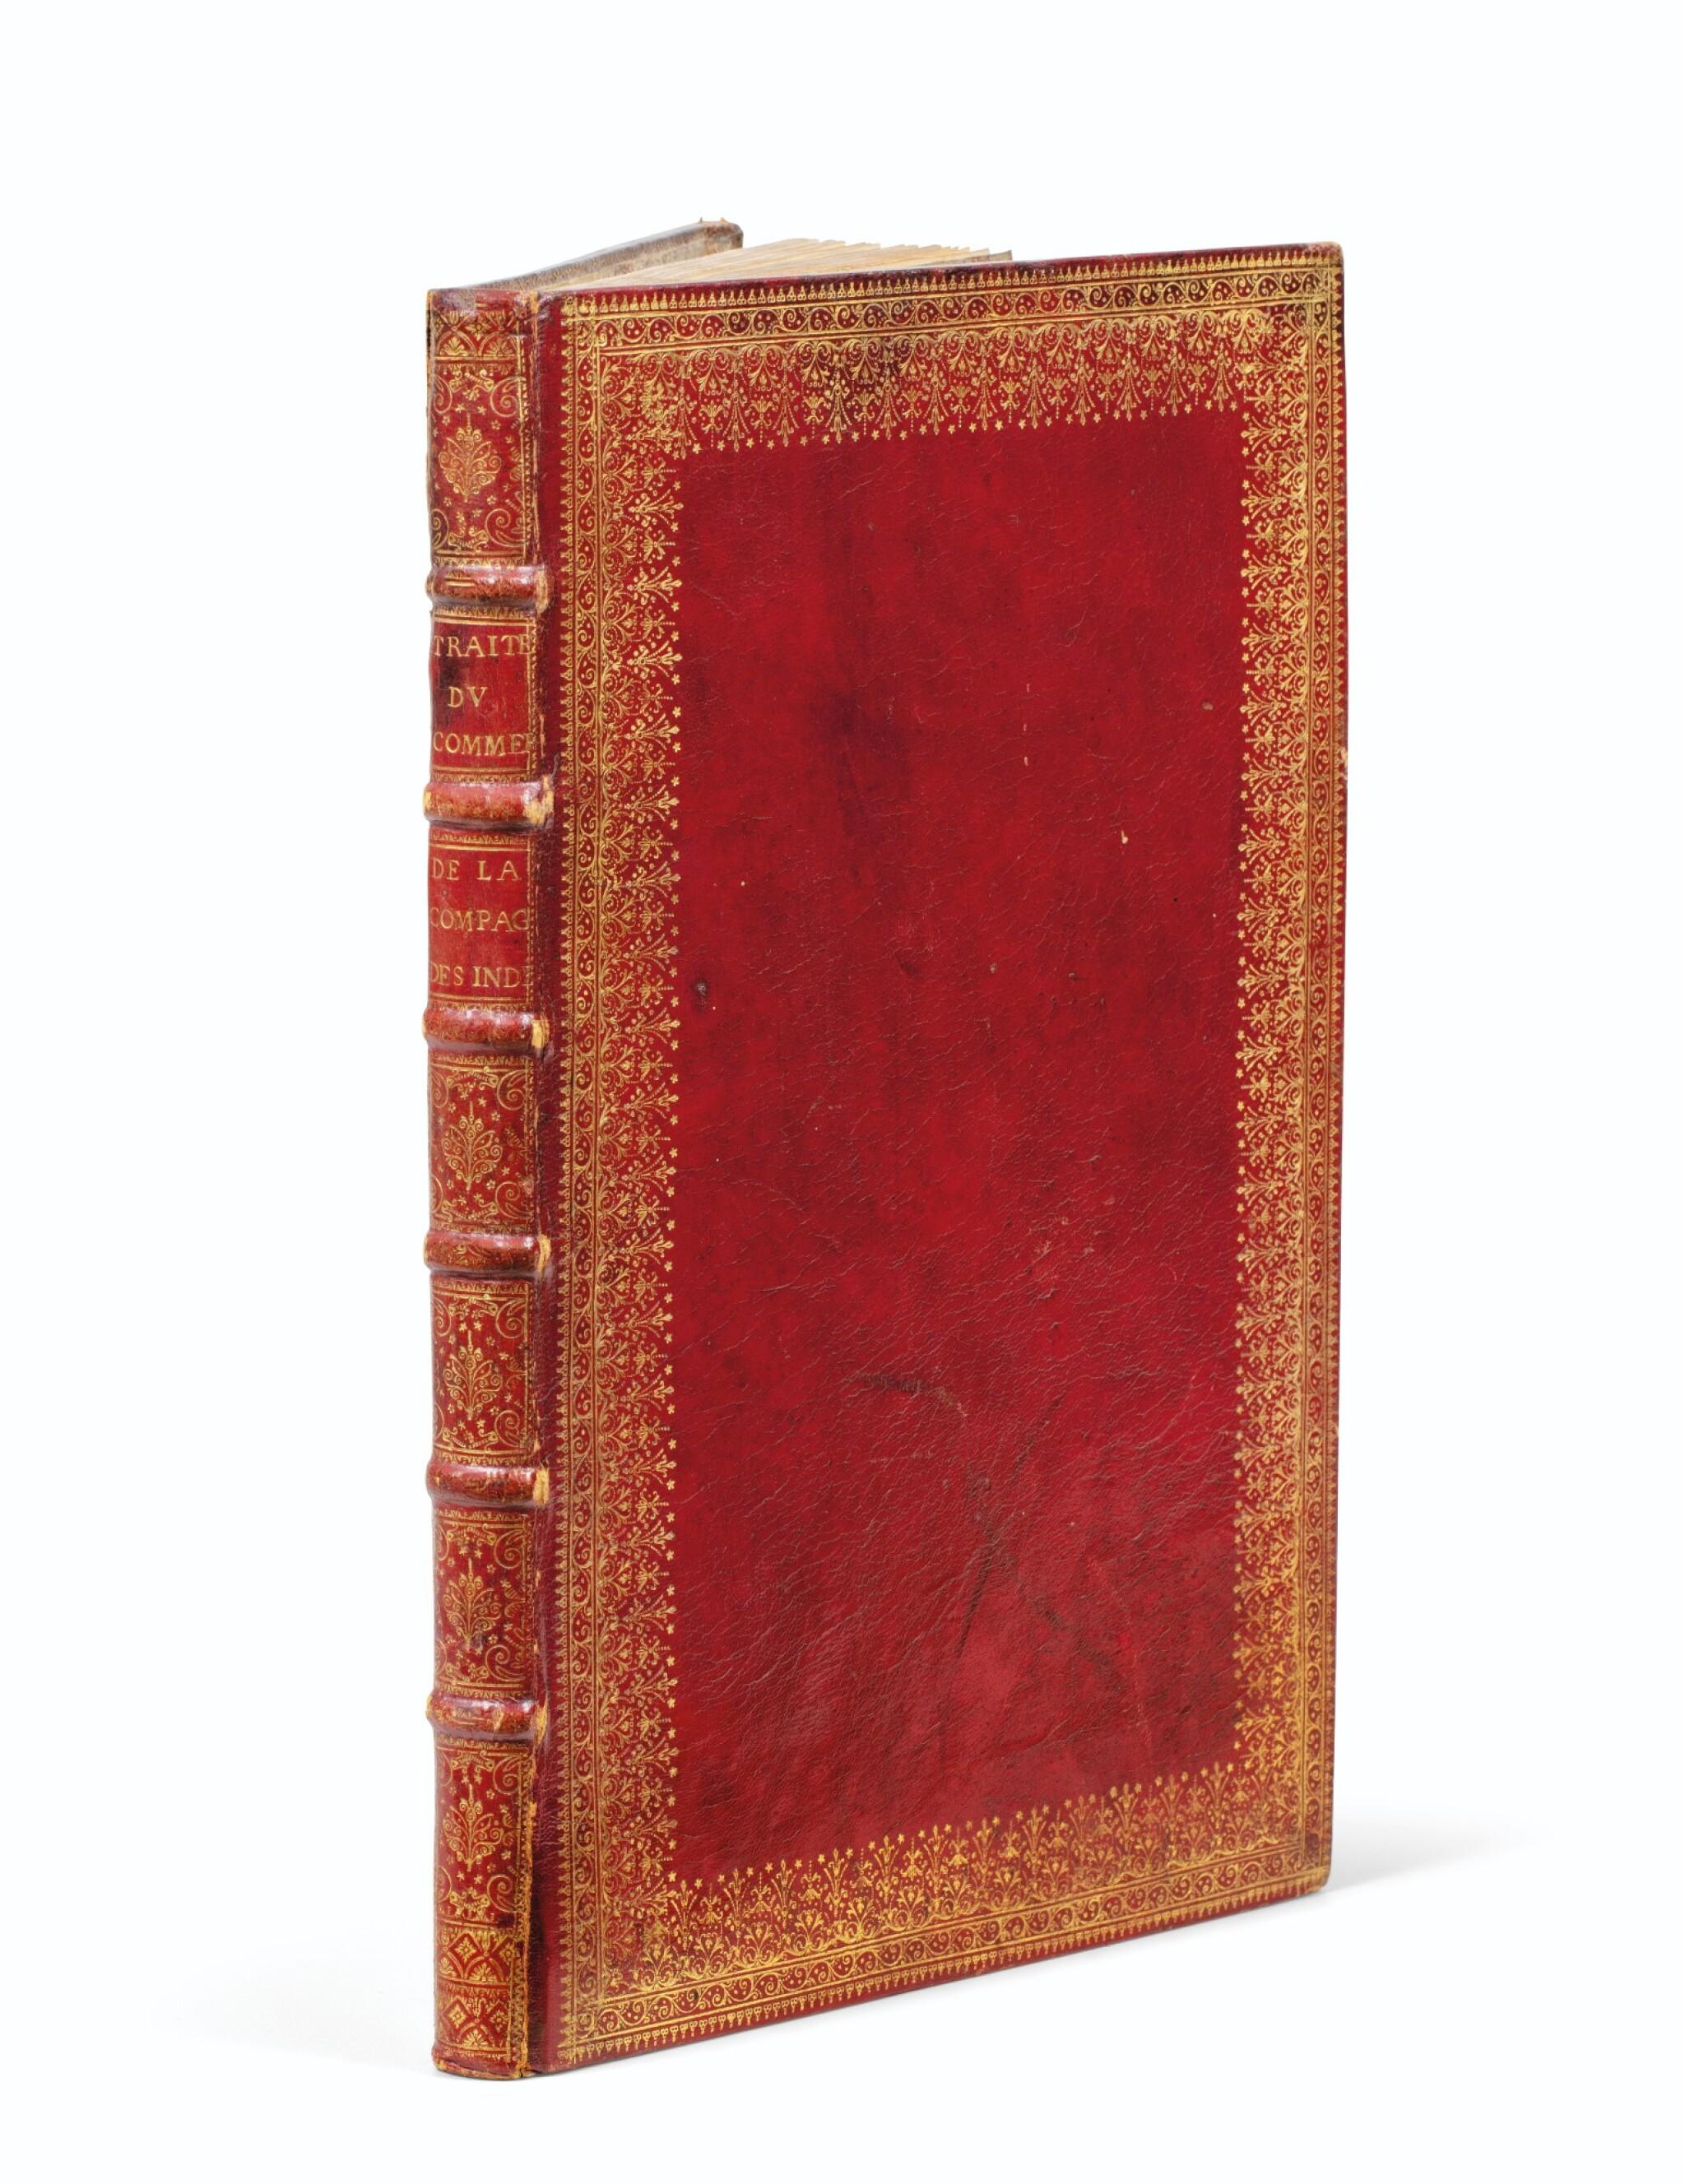 View full screen - View 1 of Lot 203. COMPAGNIE DES INDES. Manuscrit. Traité du commerce, 1724. In-fol. maroquin rouge à dentelles de l'époque..